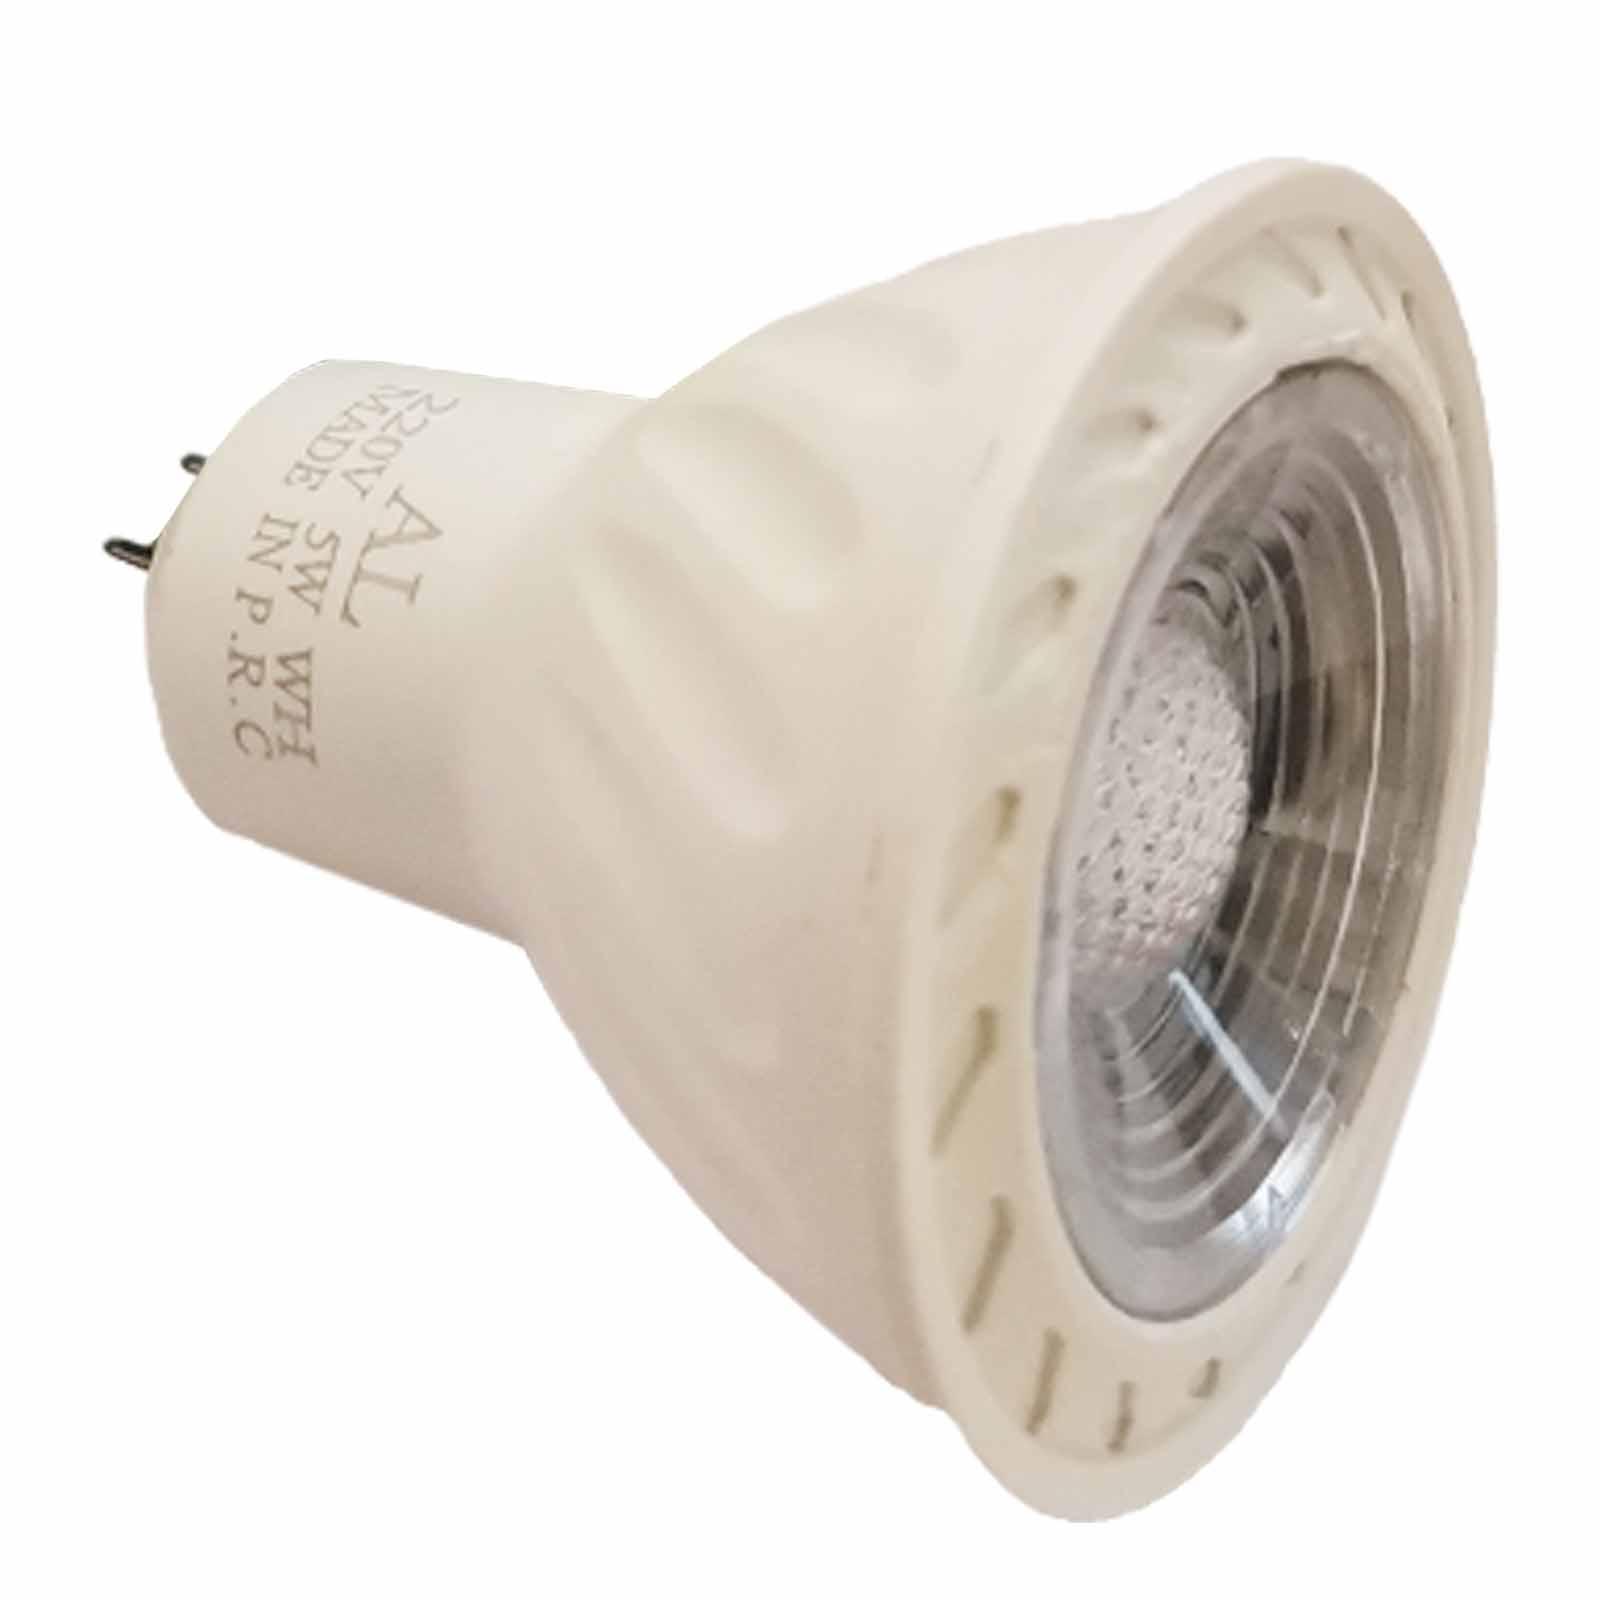 لامپ هالوژن ال ای دی 5 وات آ ال مدل 01 پایه MR16 بسته 10 عددی